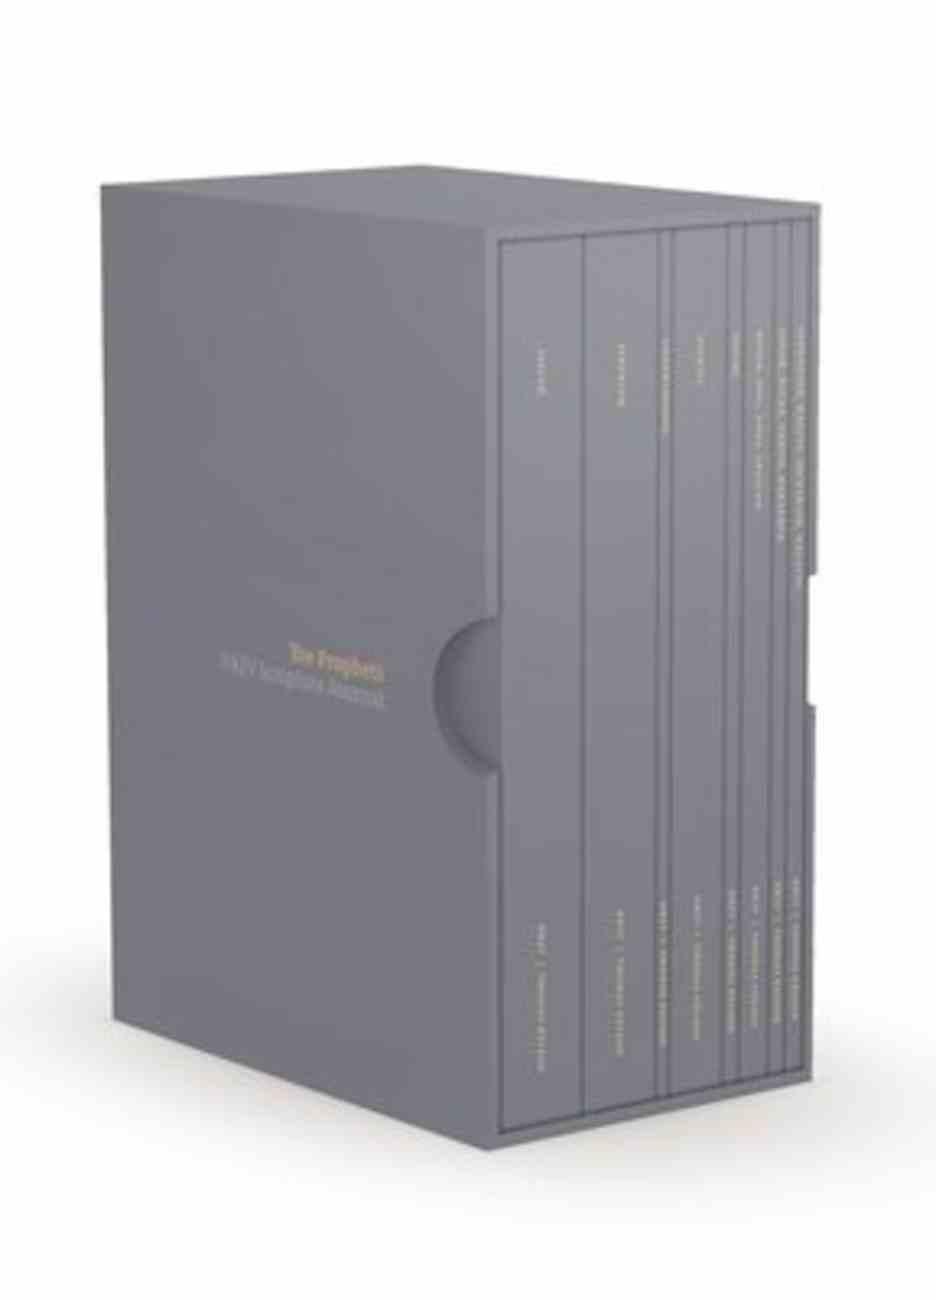 NKJV Scripture Journals the Prophets (8 Volume Box Set) Paperback